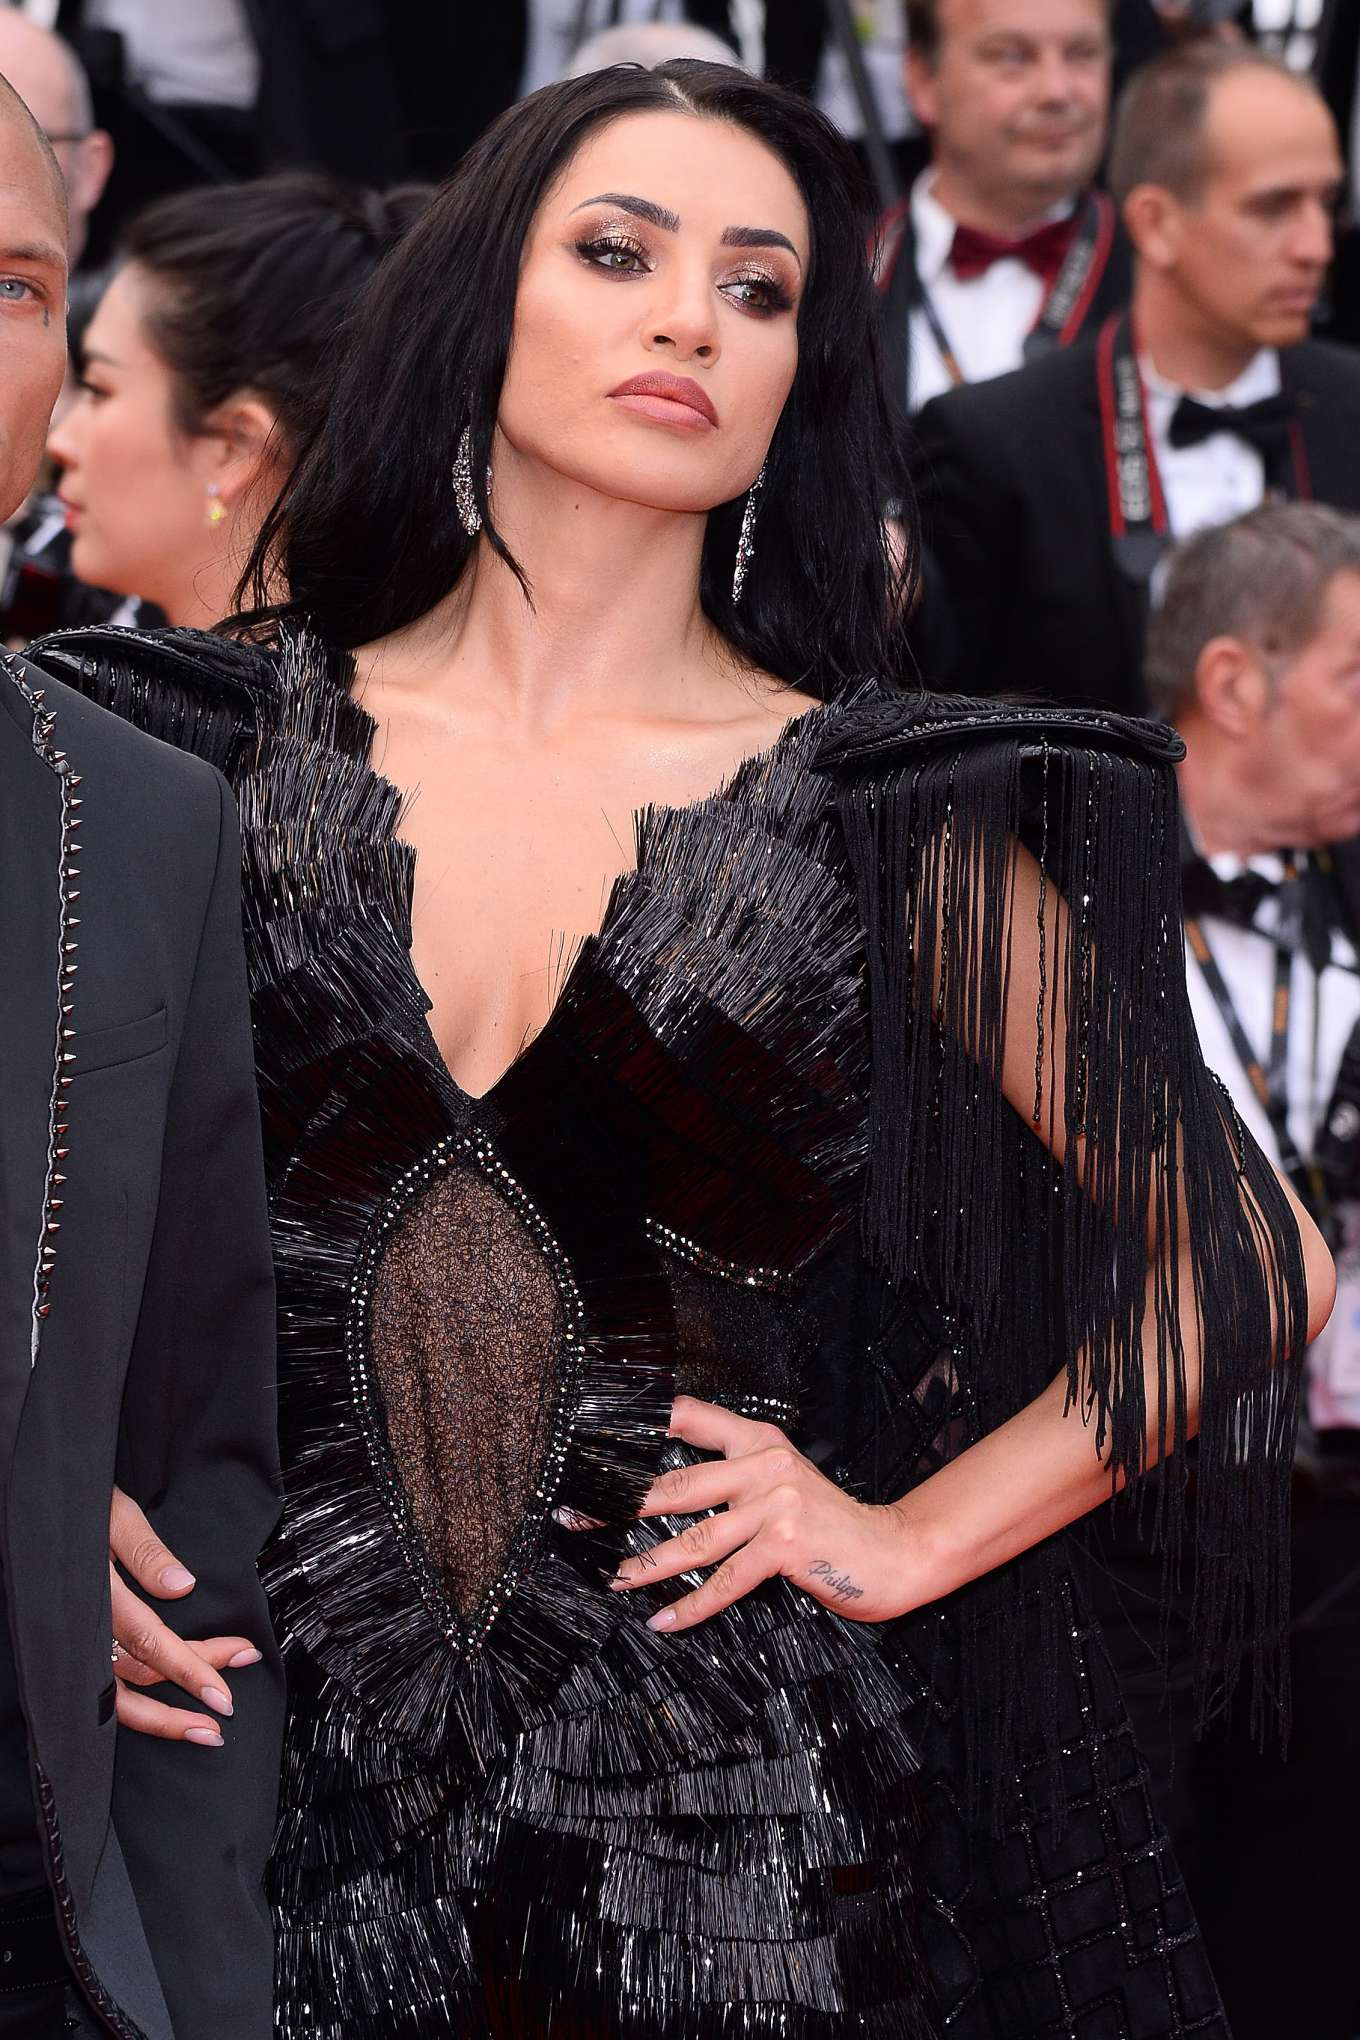 Andreea Sasu and Jeremy Meeks – 2019 Cannes Film Festival ...  |Andreea Sasu